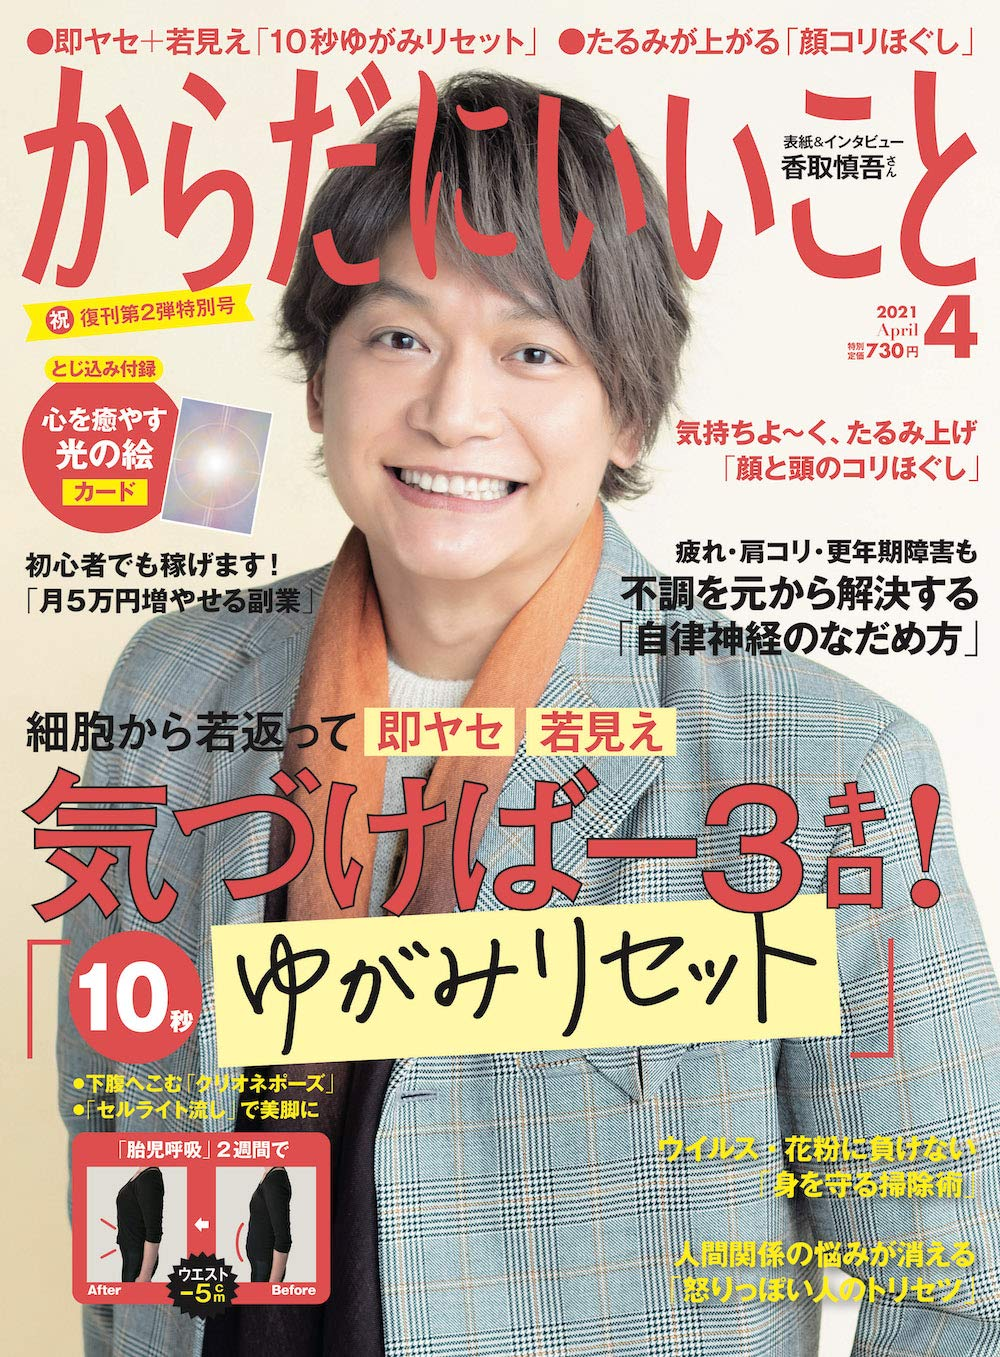 【からだにいいこと 4月号】にて女優の山口沙弥加さんにリアムールシリーズをご紹介いただきました!